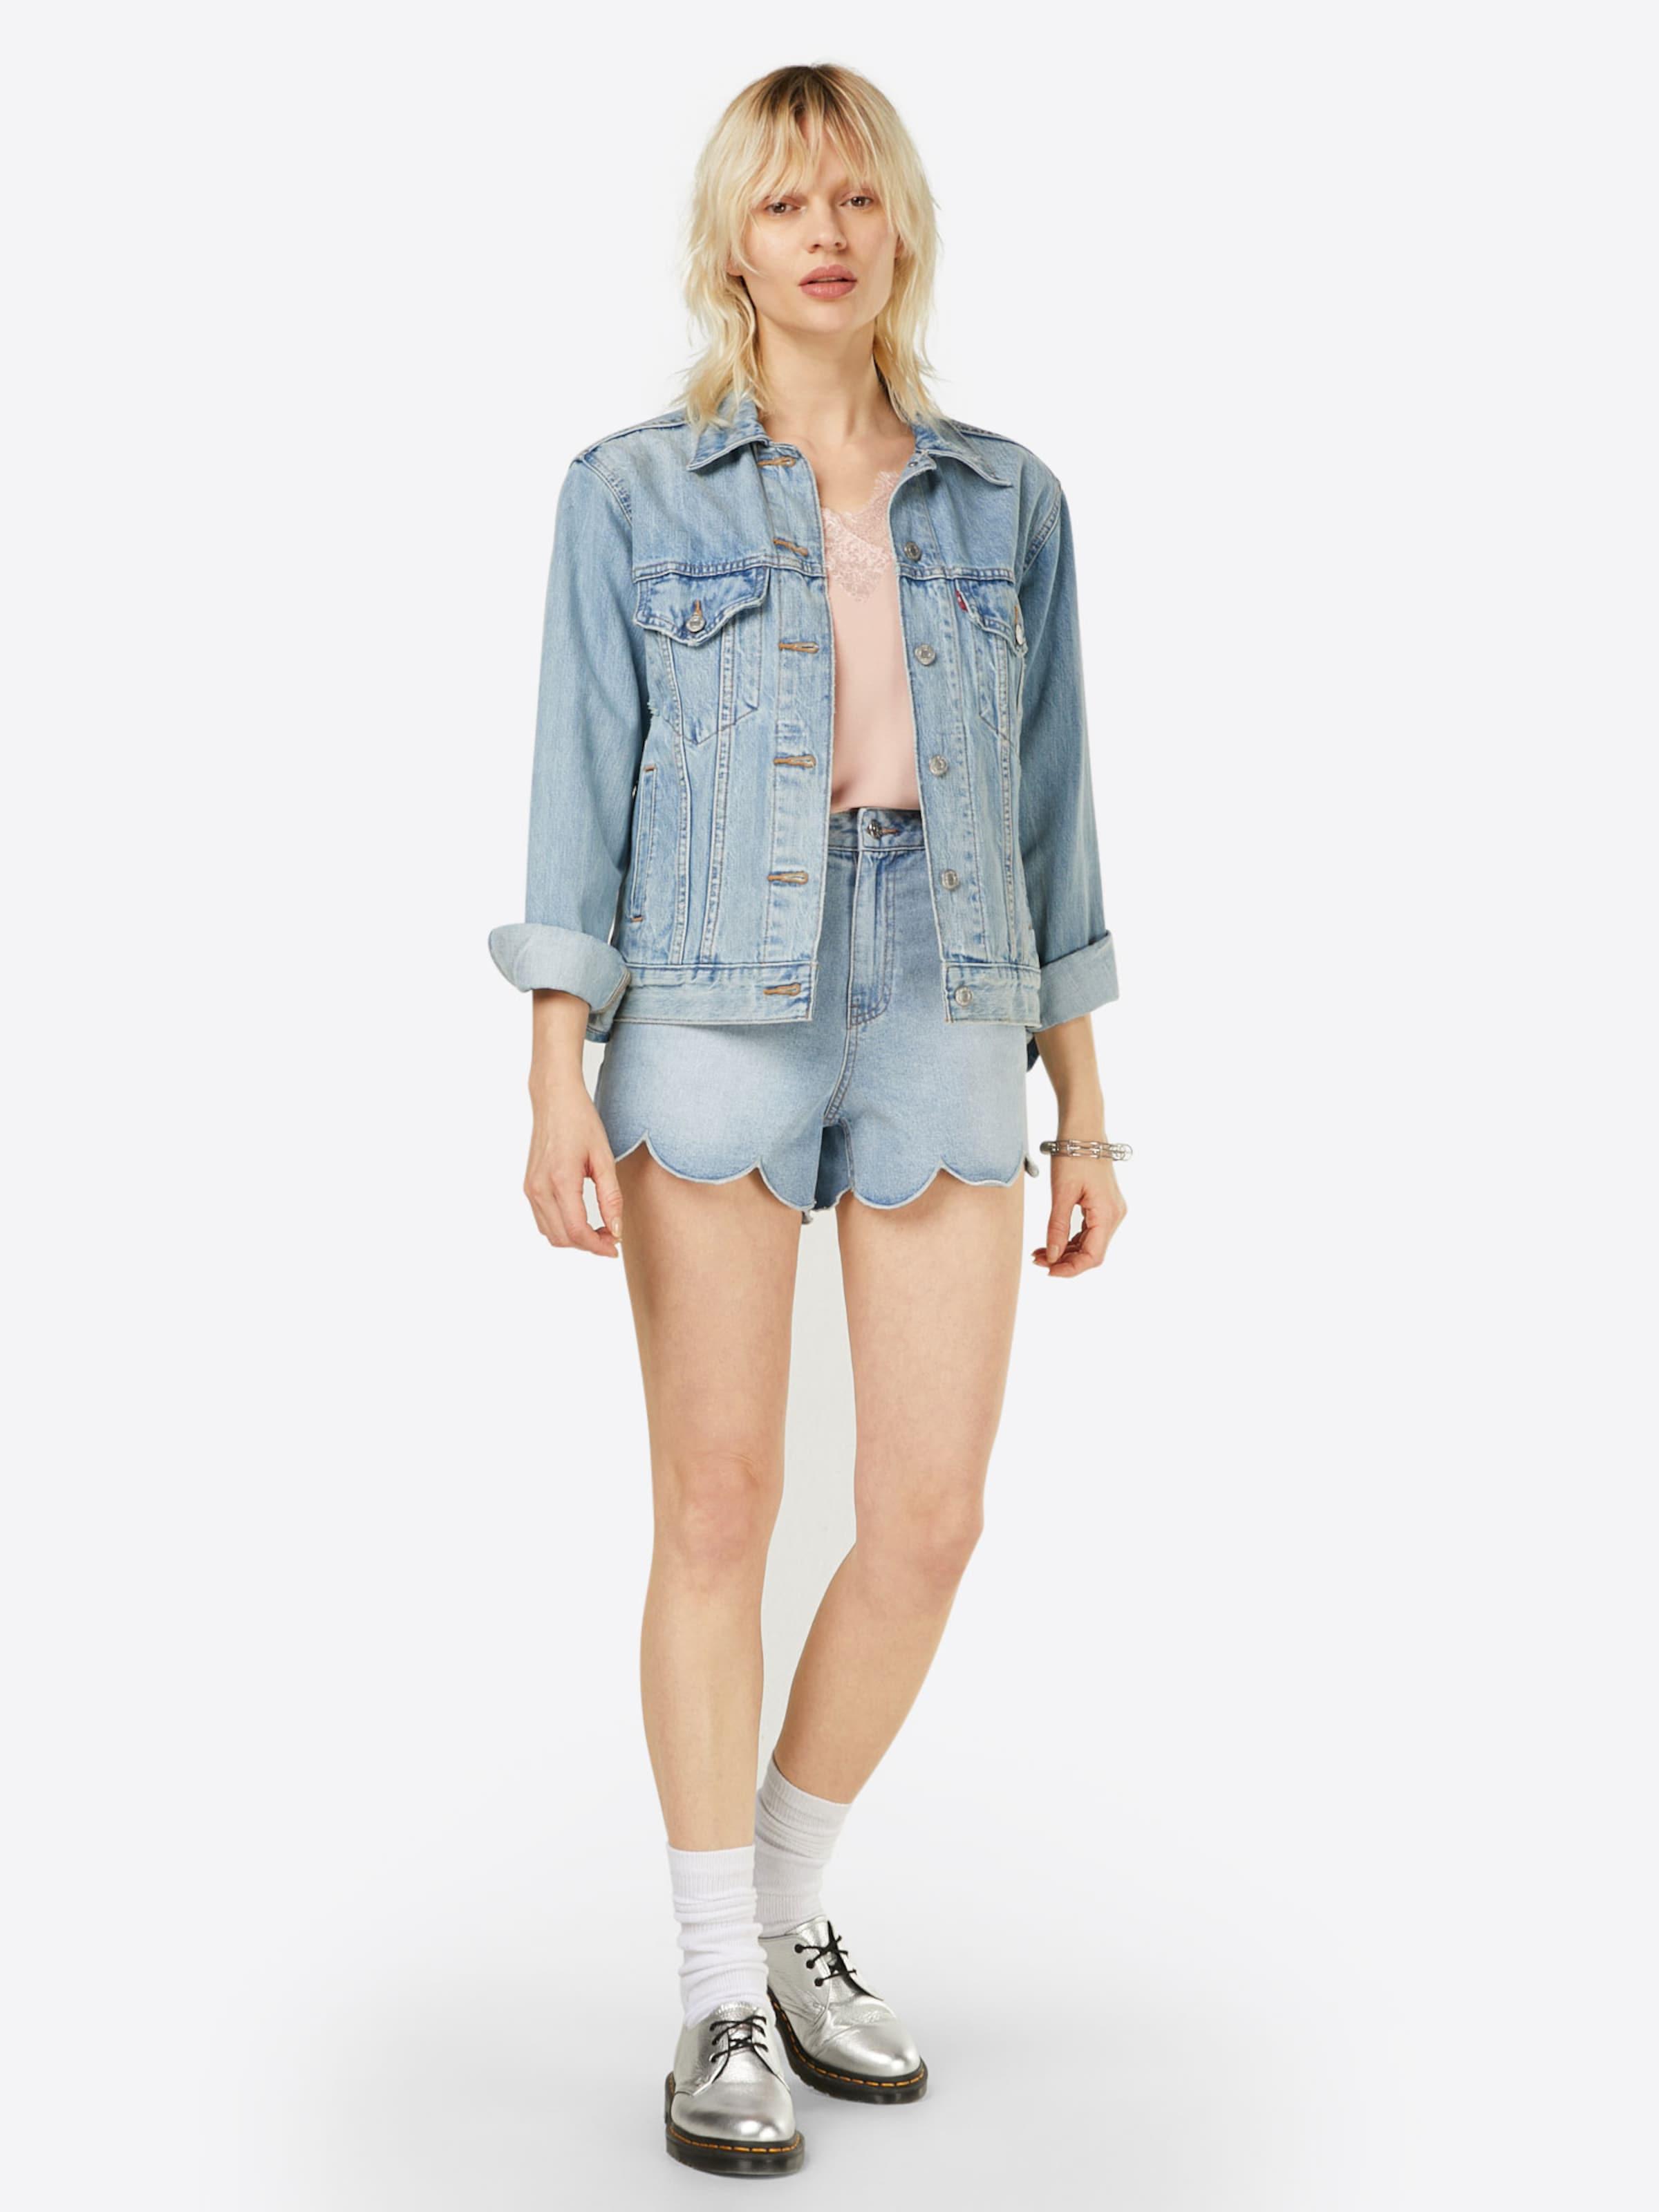 VERO MODA Top 'MILLA' Steckdose Neu Rabatt Shop-Angebot 100% Original Online 57paaTdPzX